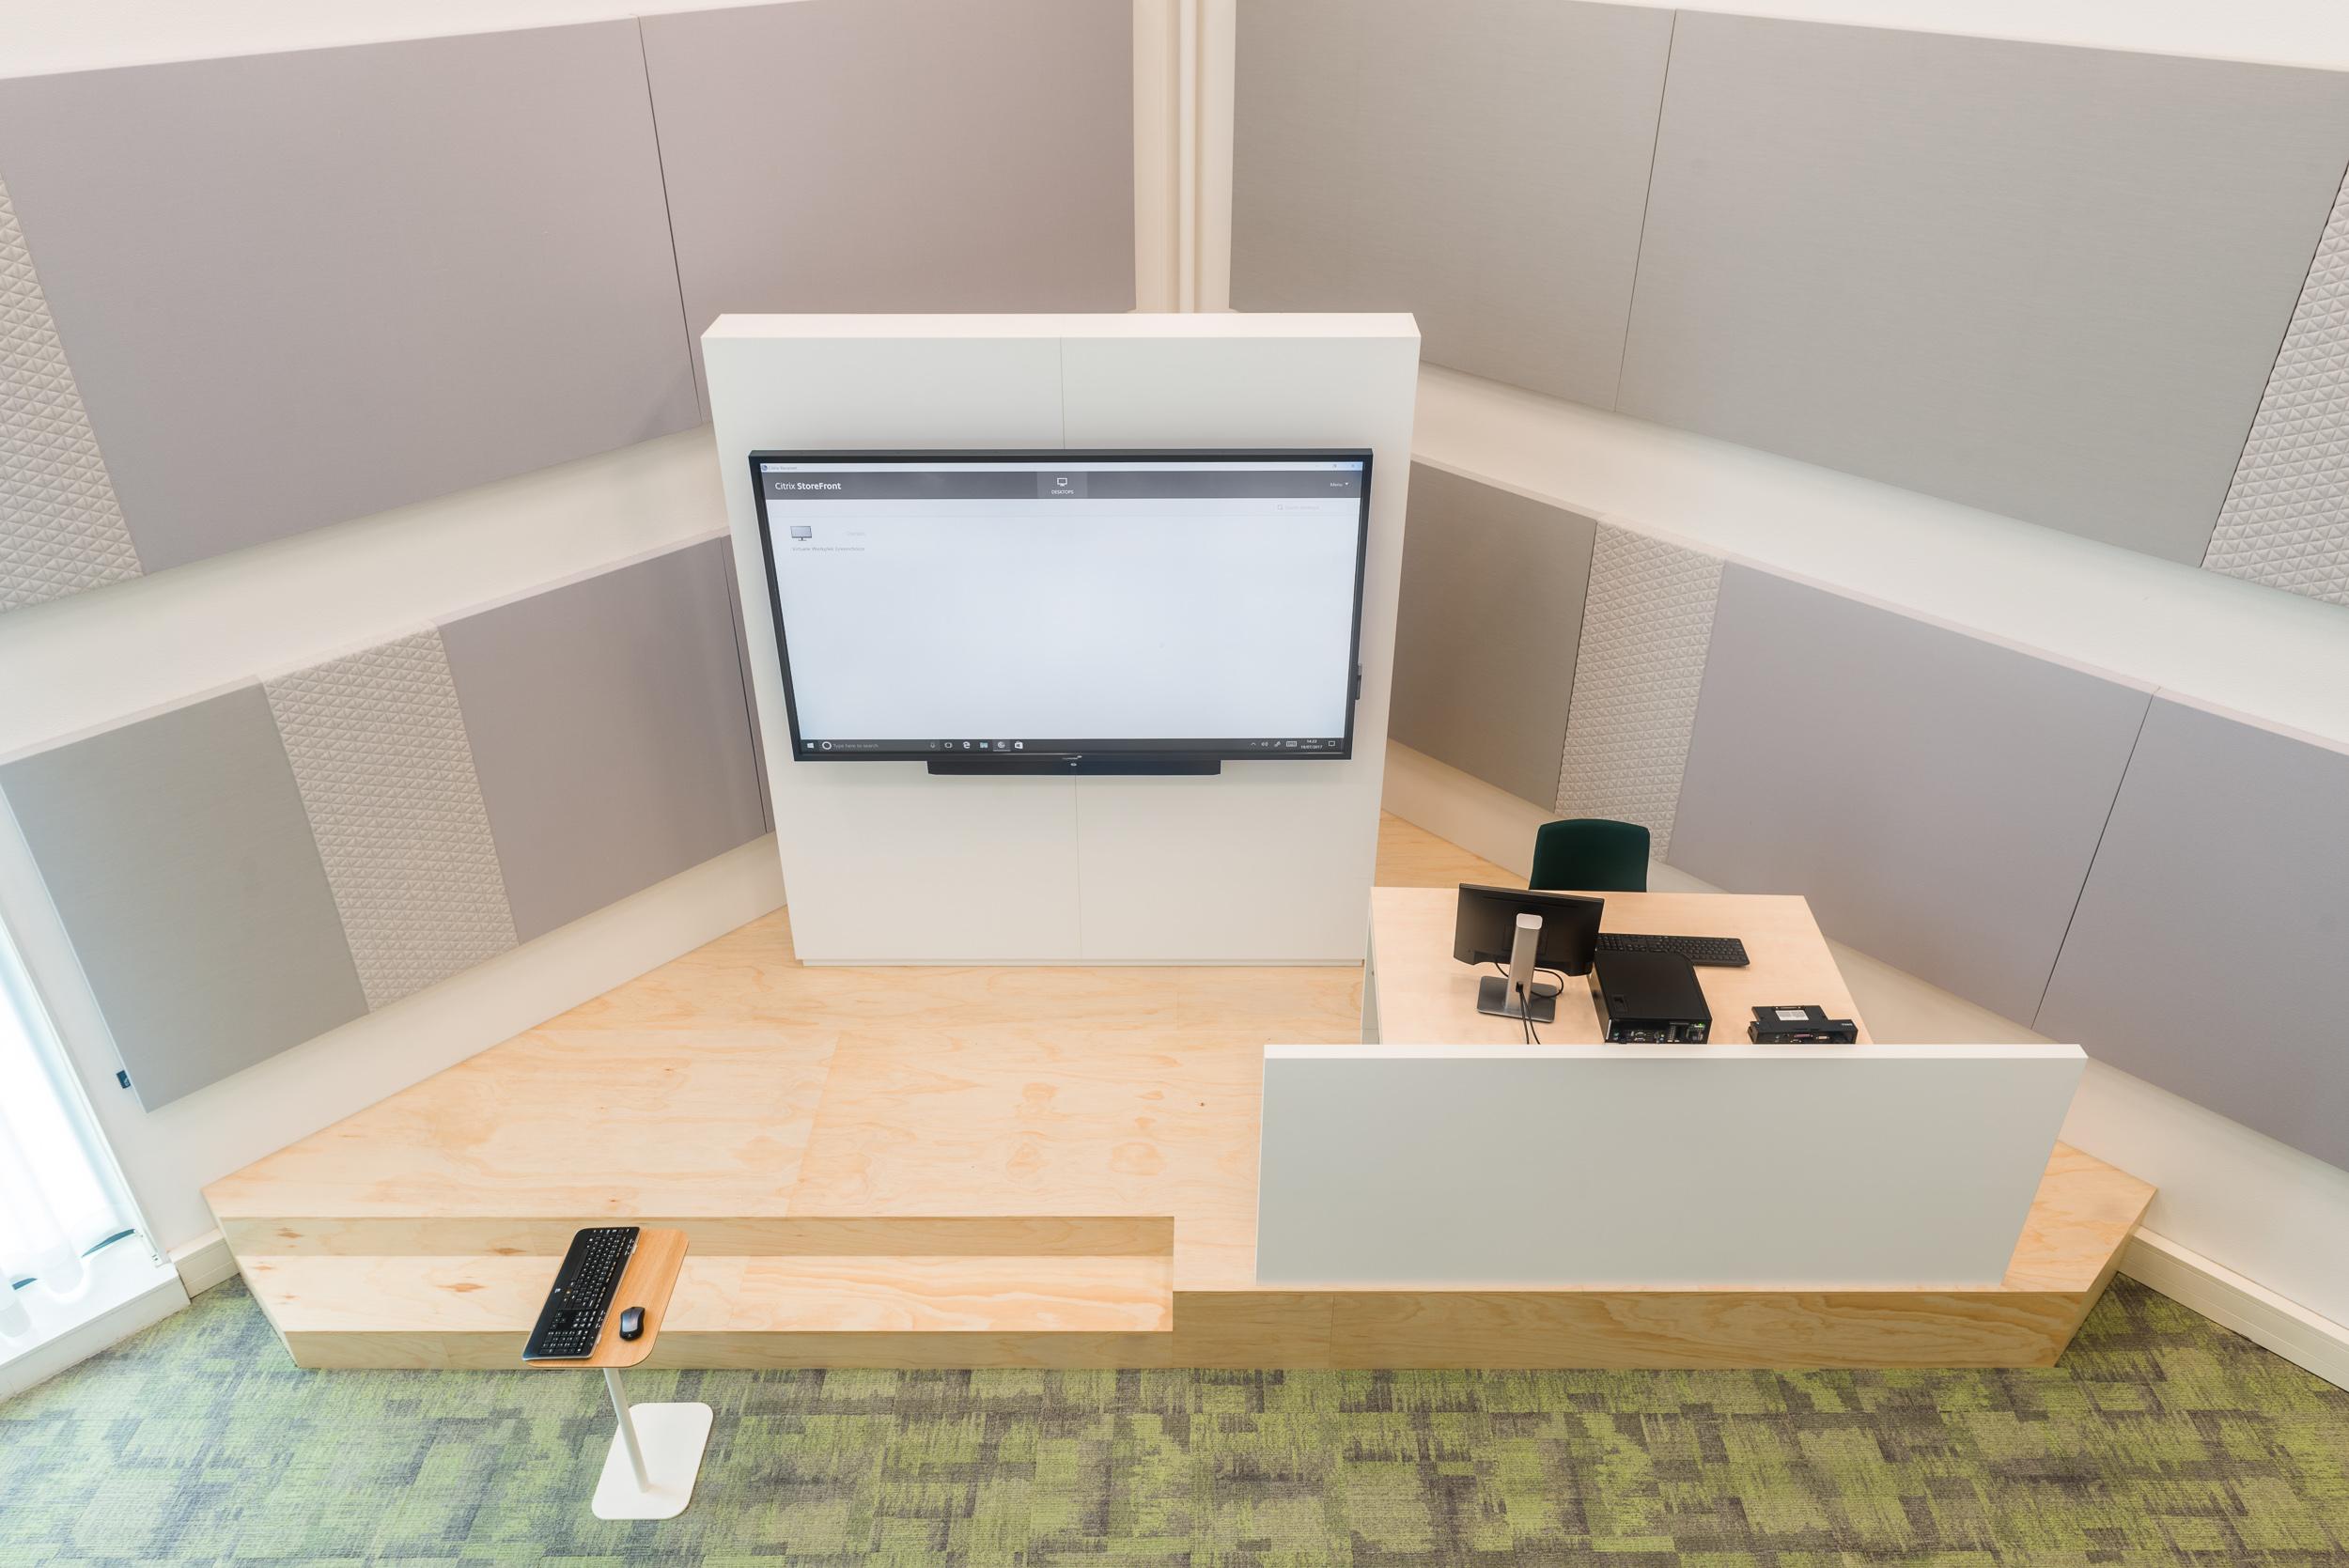 <p>Leslokaal met podium voor docent en vision wall</p>